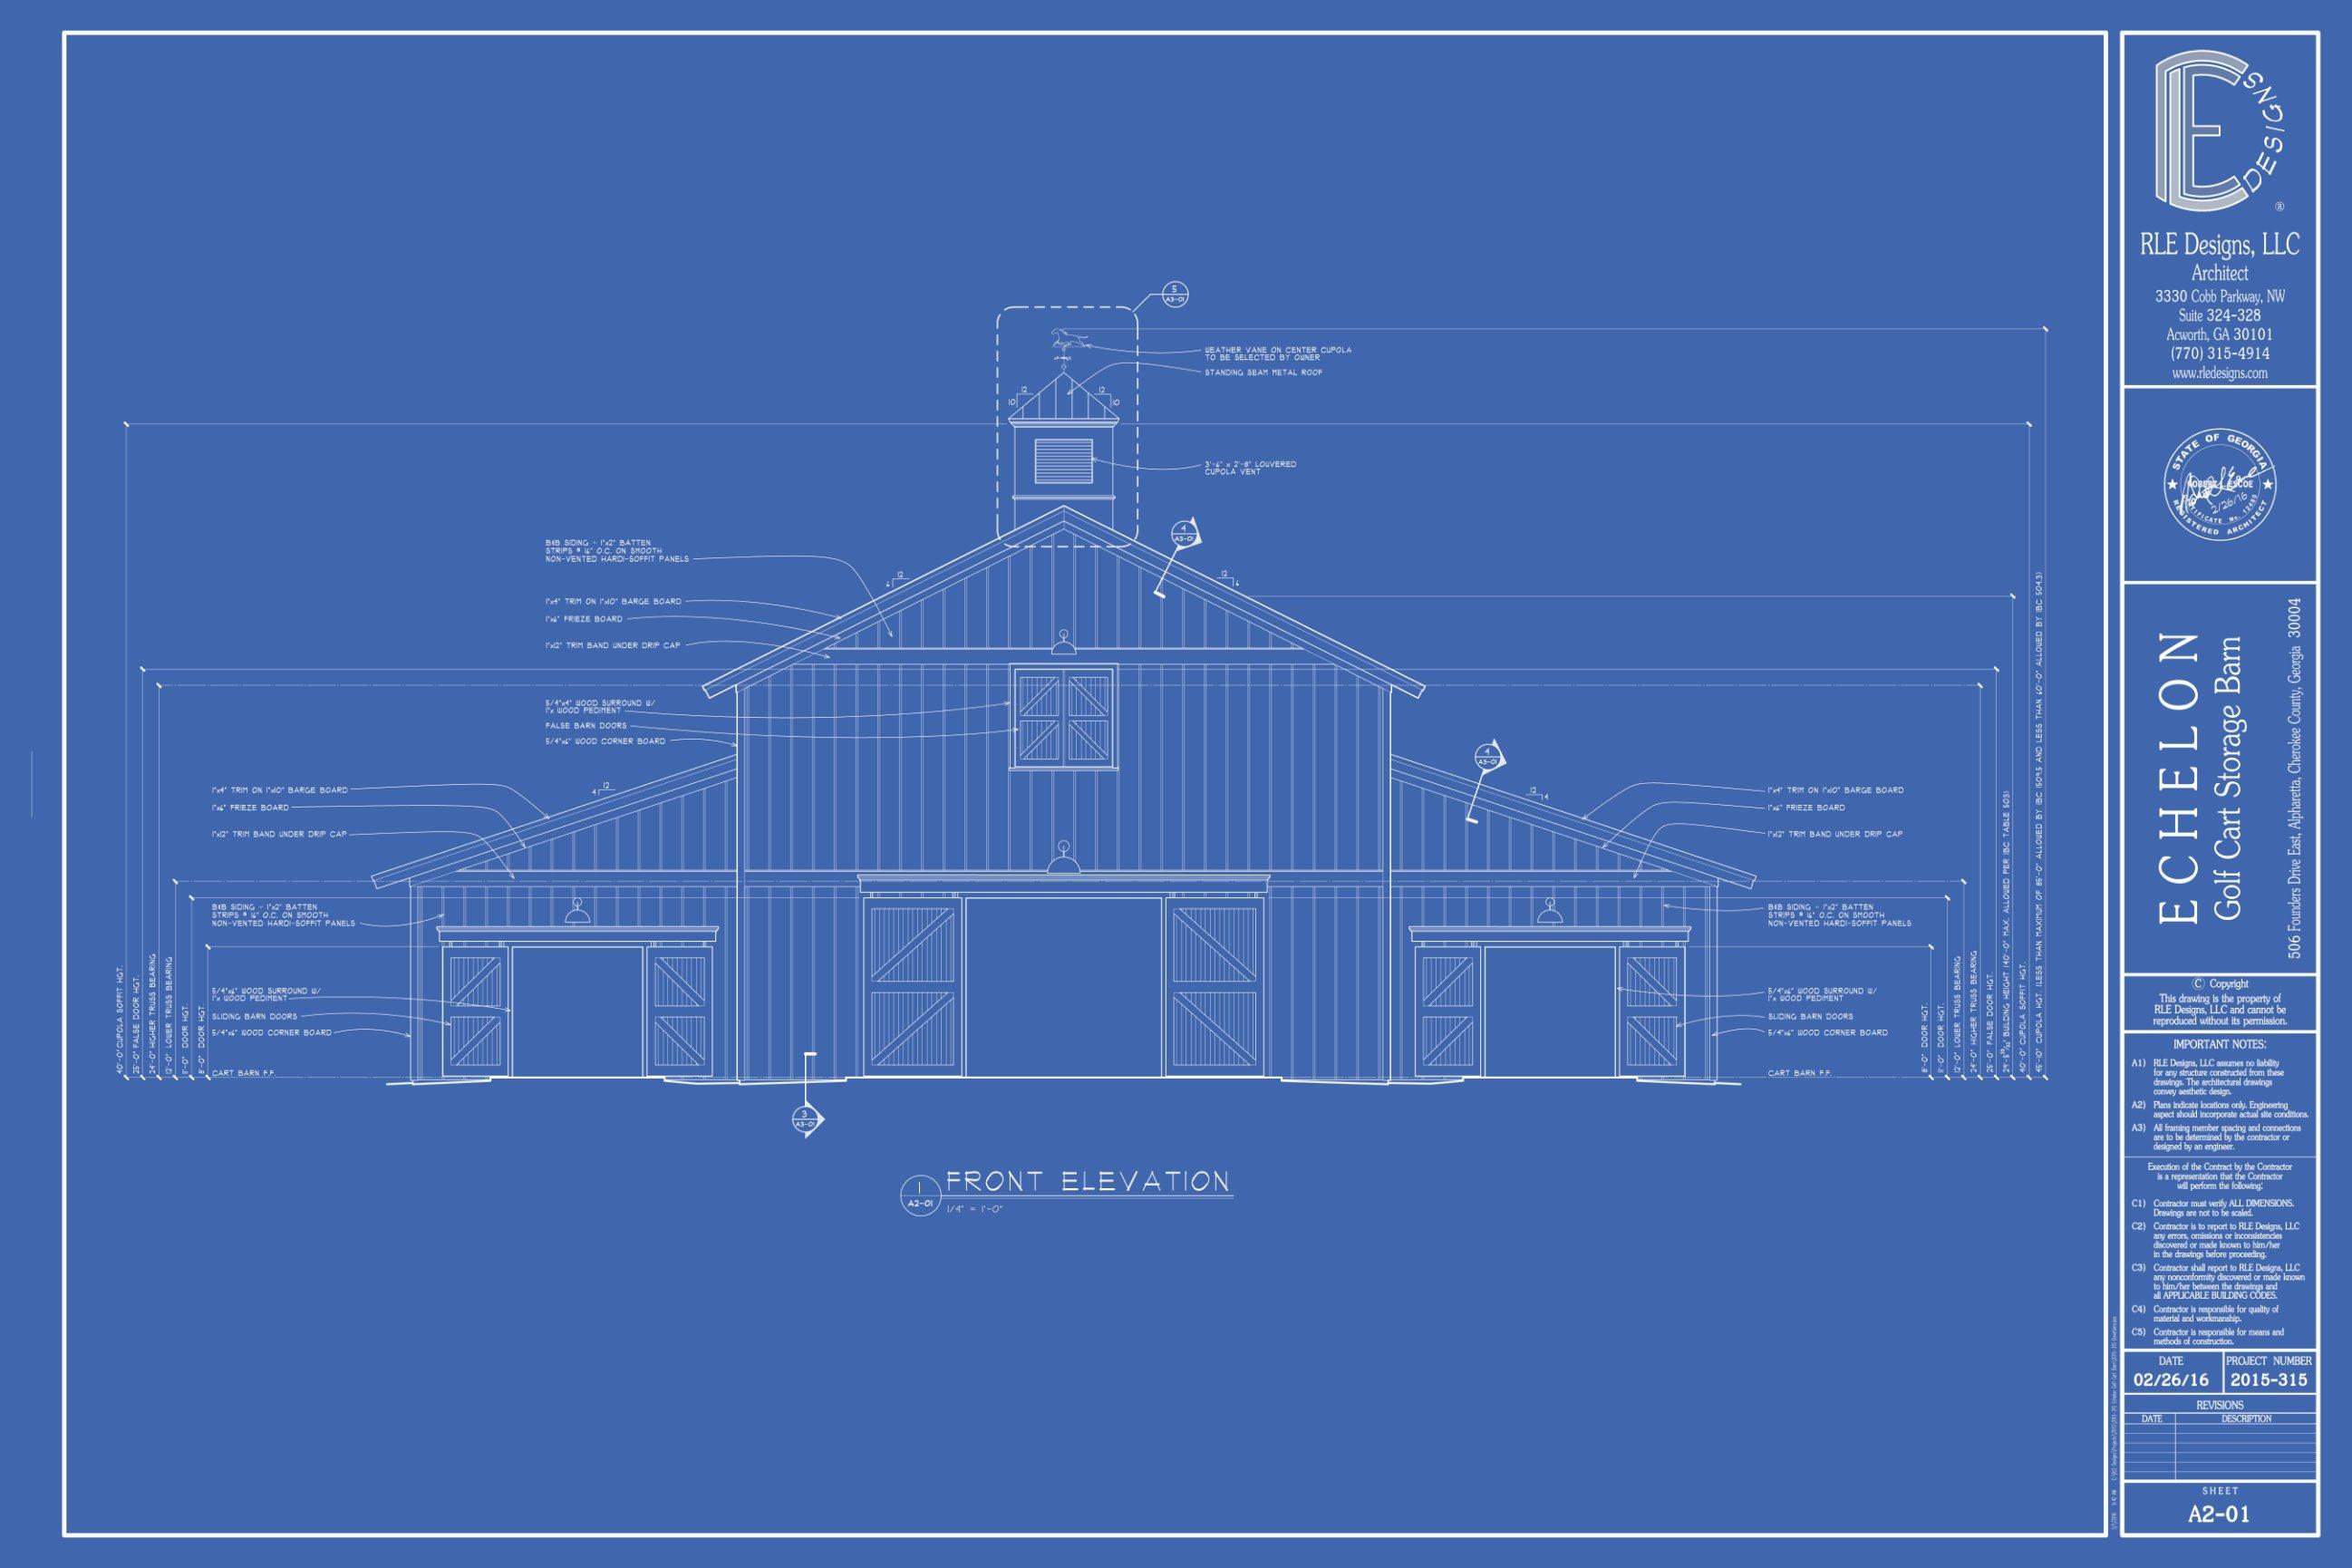 Rle Designs Llc Architect In Acworth Georgia Echelon Cart Barn Cupola Schematic